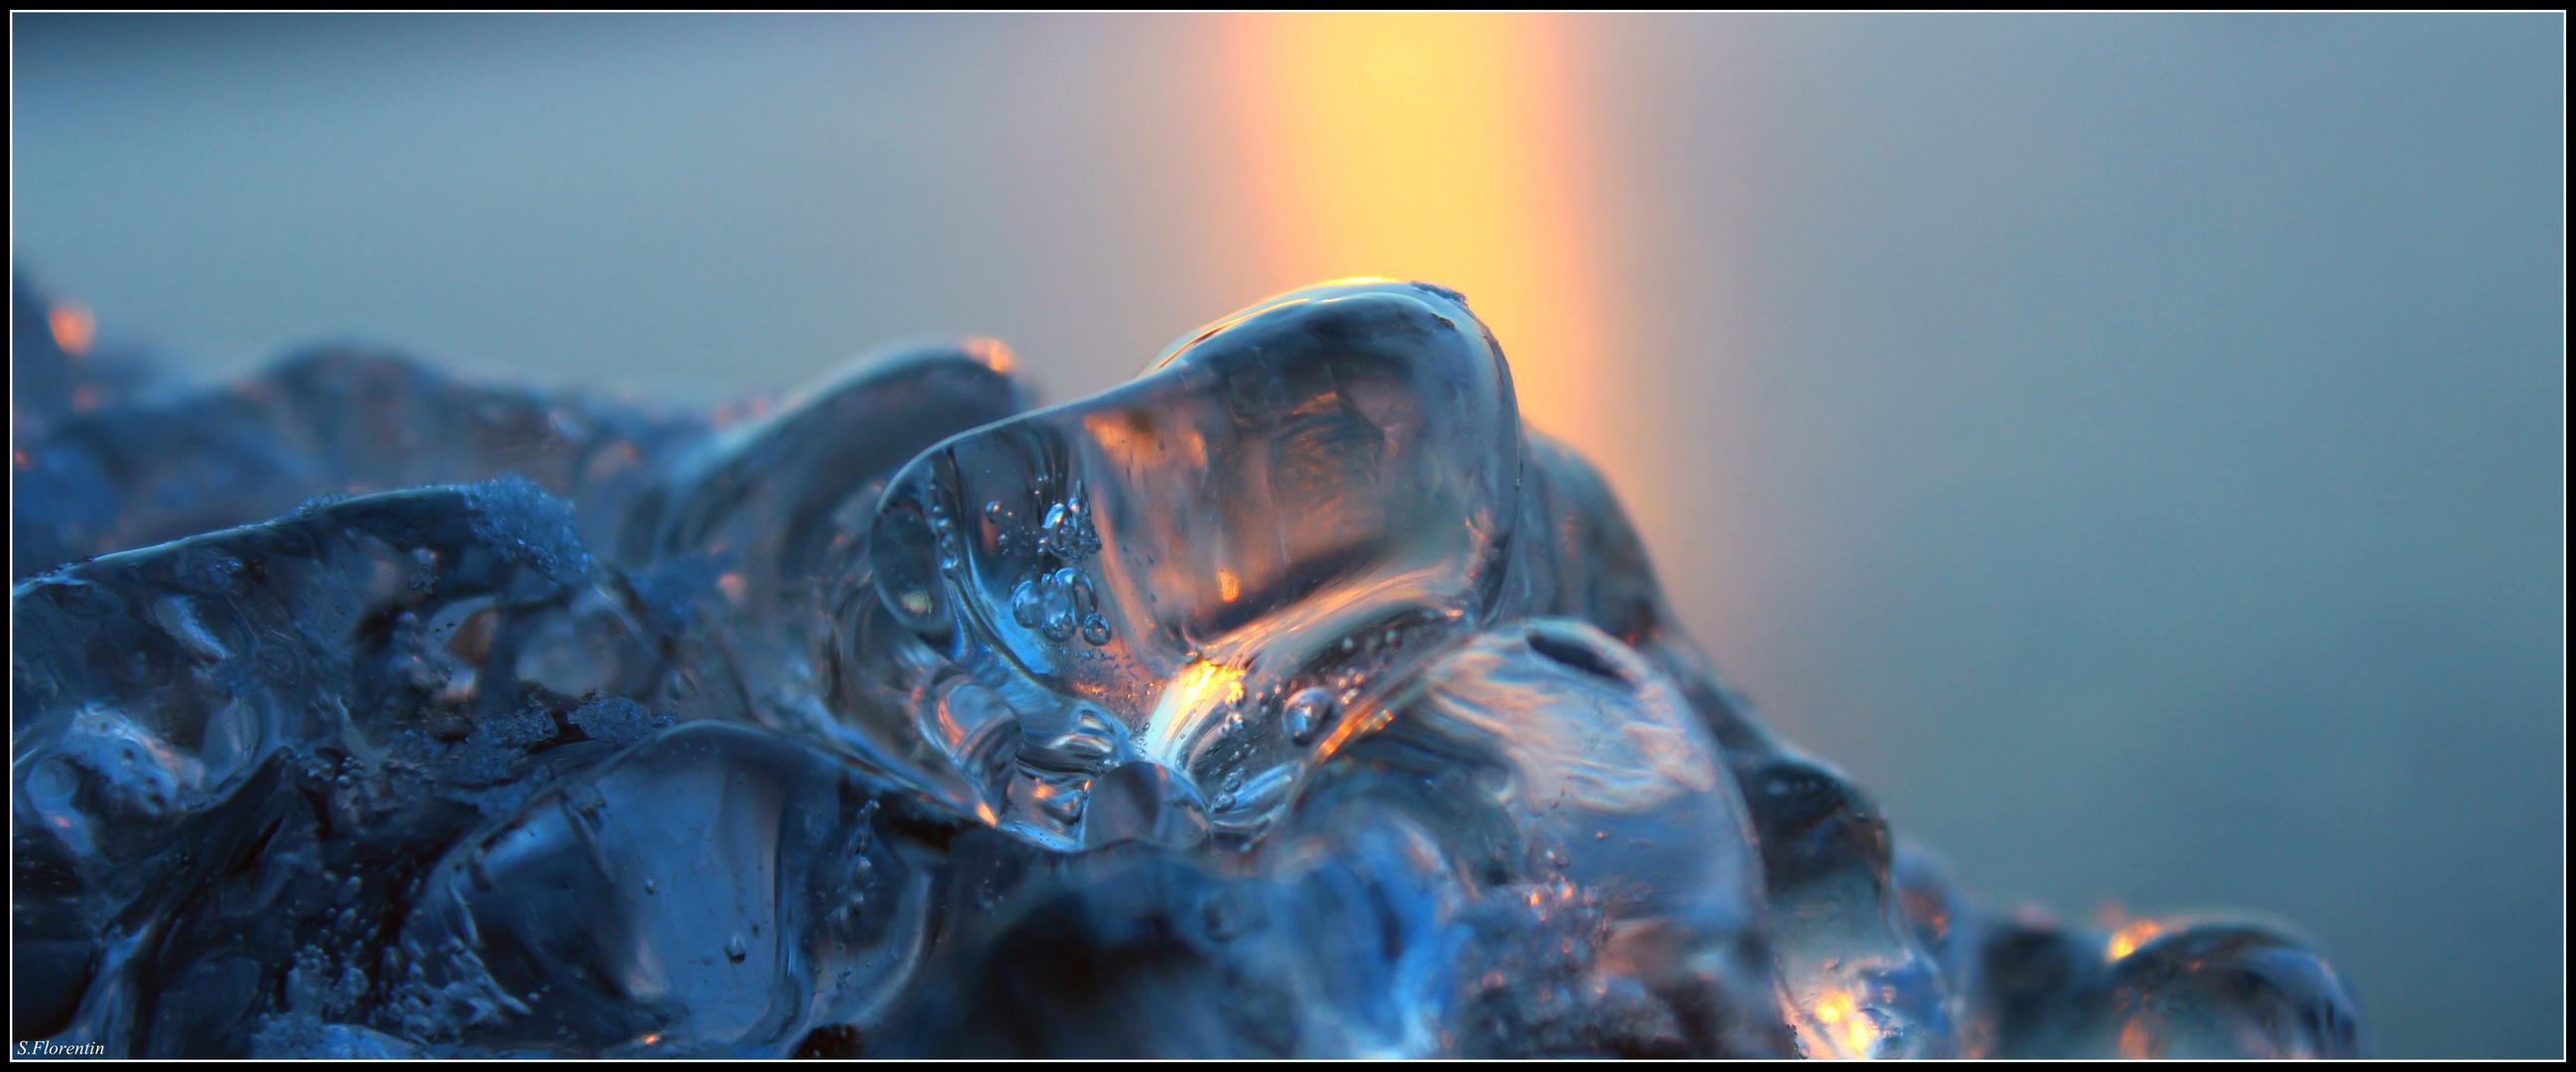 Eis und Sonne